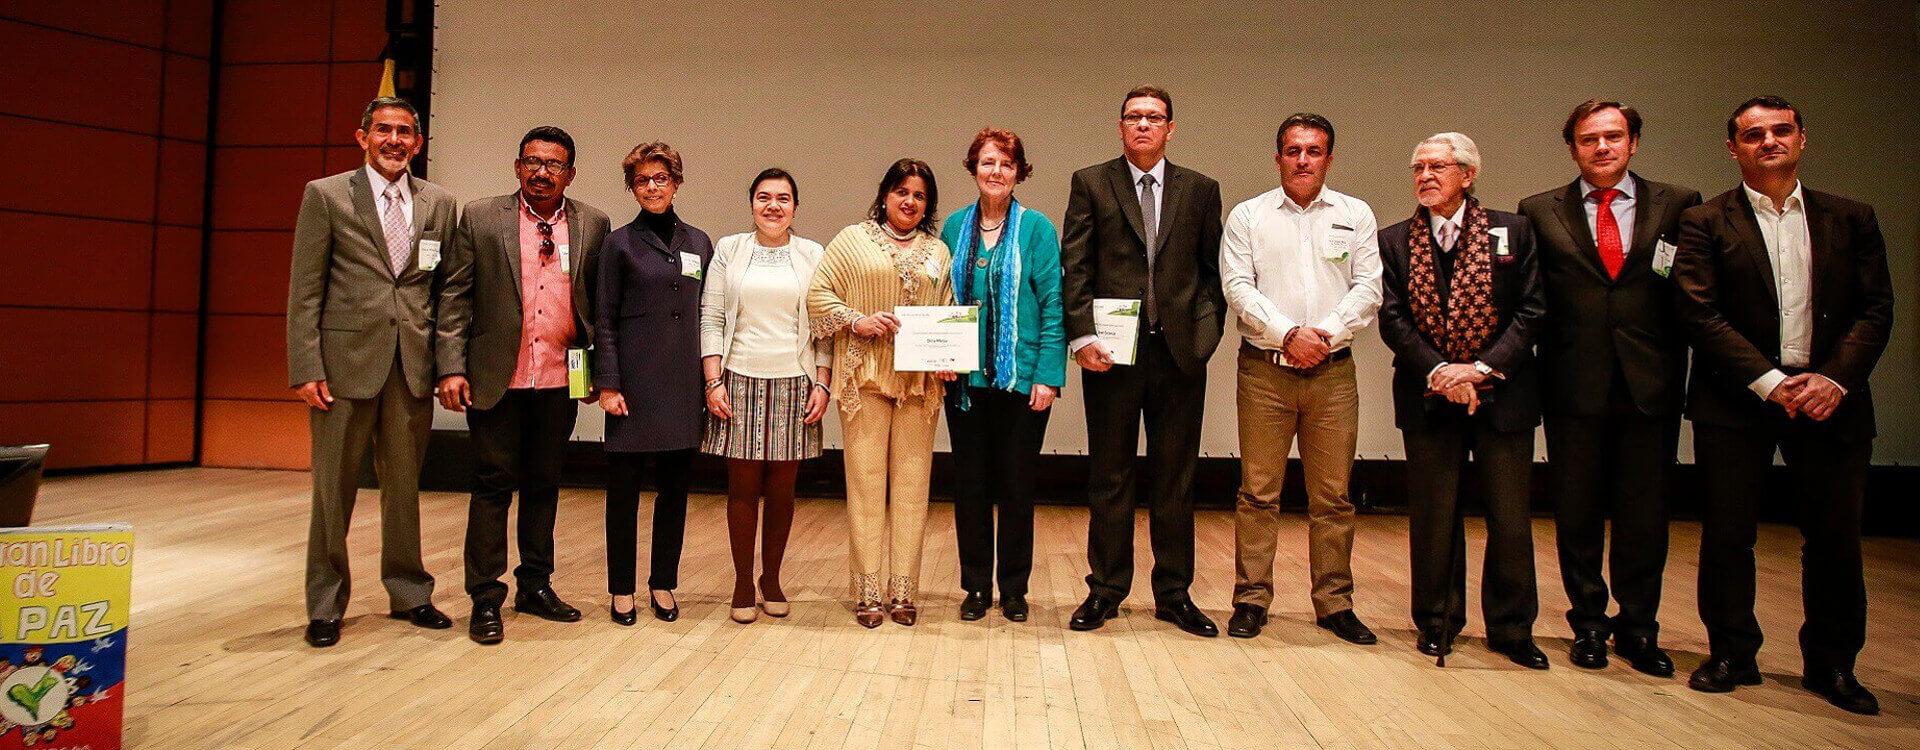 Grupo de maestros que recibieron reconocimiento por sus experiencias de construcción de paz, valores y convivencia en la escuela.